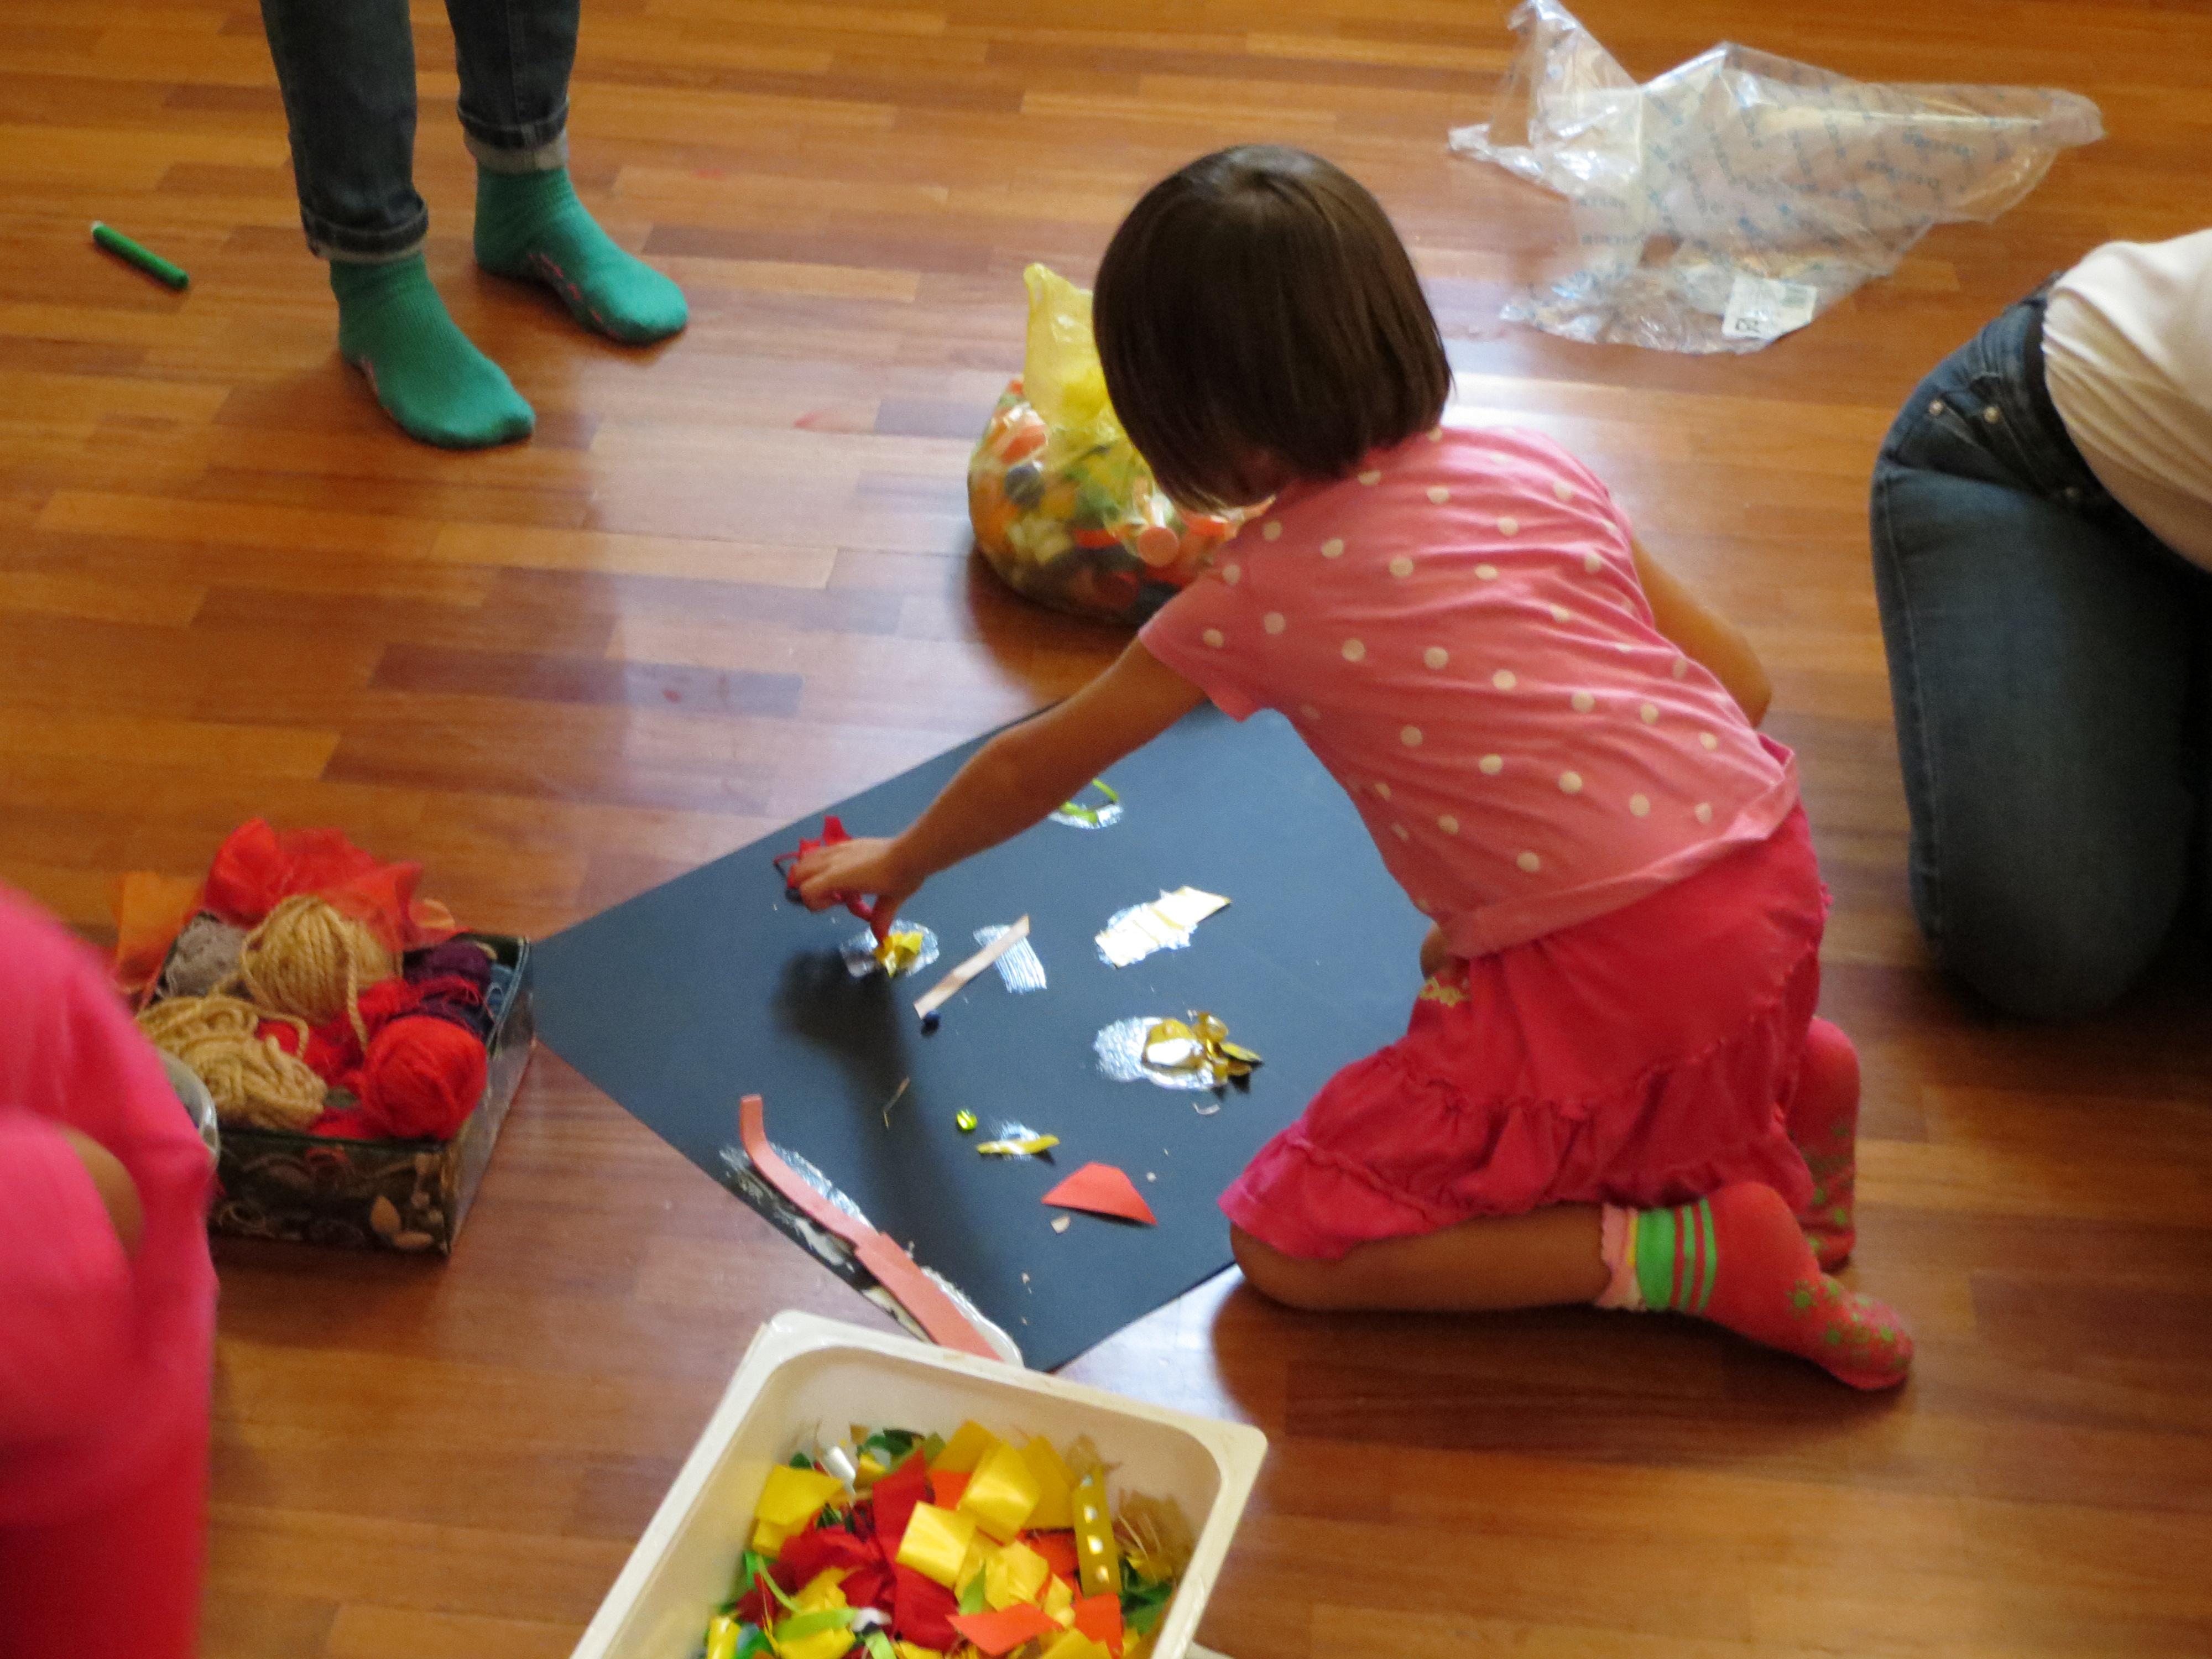 0a52047ee3 Giochi per bambini da 3 a 4 anni | L' ARTE TI FA CRESCERE !